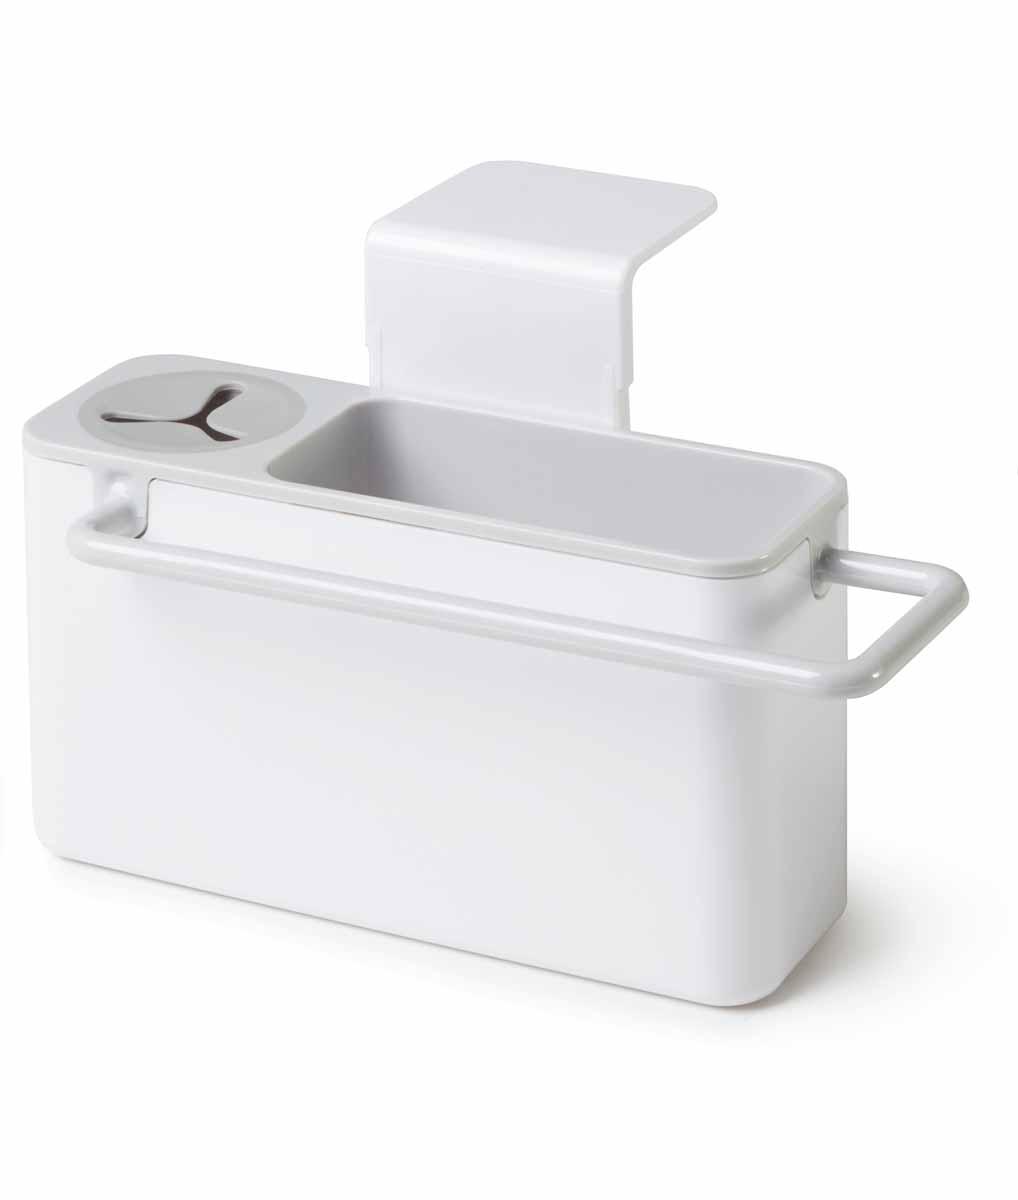 """Подставка для кухонных принадлежностей  Идея """"Mr. Чистюля"""" поможет навести на кухне полный порядок и расставить все по своим местам.  В ней найдется место для кухонной салфетки, моющего средства, ершика и губки. Подставка не только поможет вам держать под рукой необходимые для мытья посуды принадлежности, но и добавит настроения. Щетку можно поставить в отсек с силиконовым держателем, кухонную салфетку повесить на рейлинг, где она быстрей высохнет, а губку для мытья посуды положить внутрь подставки. Вся вода, которая будет собираться с моющих принадлежностей, будет стекать в раковину.  Подставка крепится на раковину мощными присосками, при необходимости она легко снимается, разбирается и моется. Размер подставки: 19 см х 9 см х 9 см."""